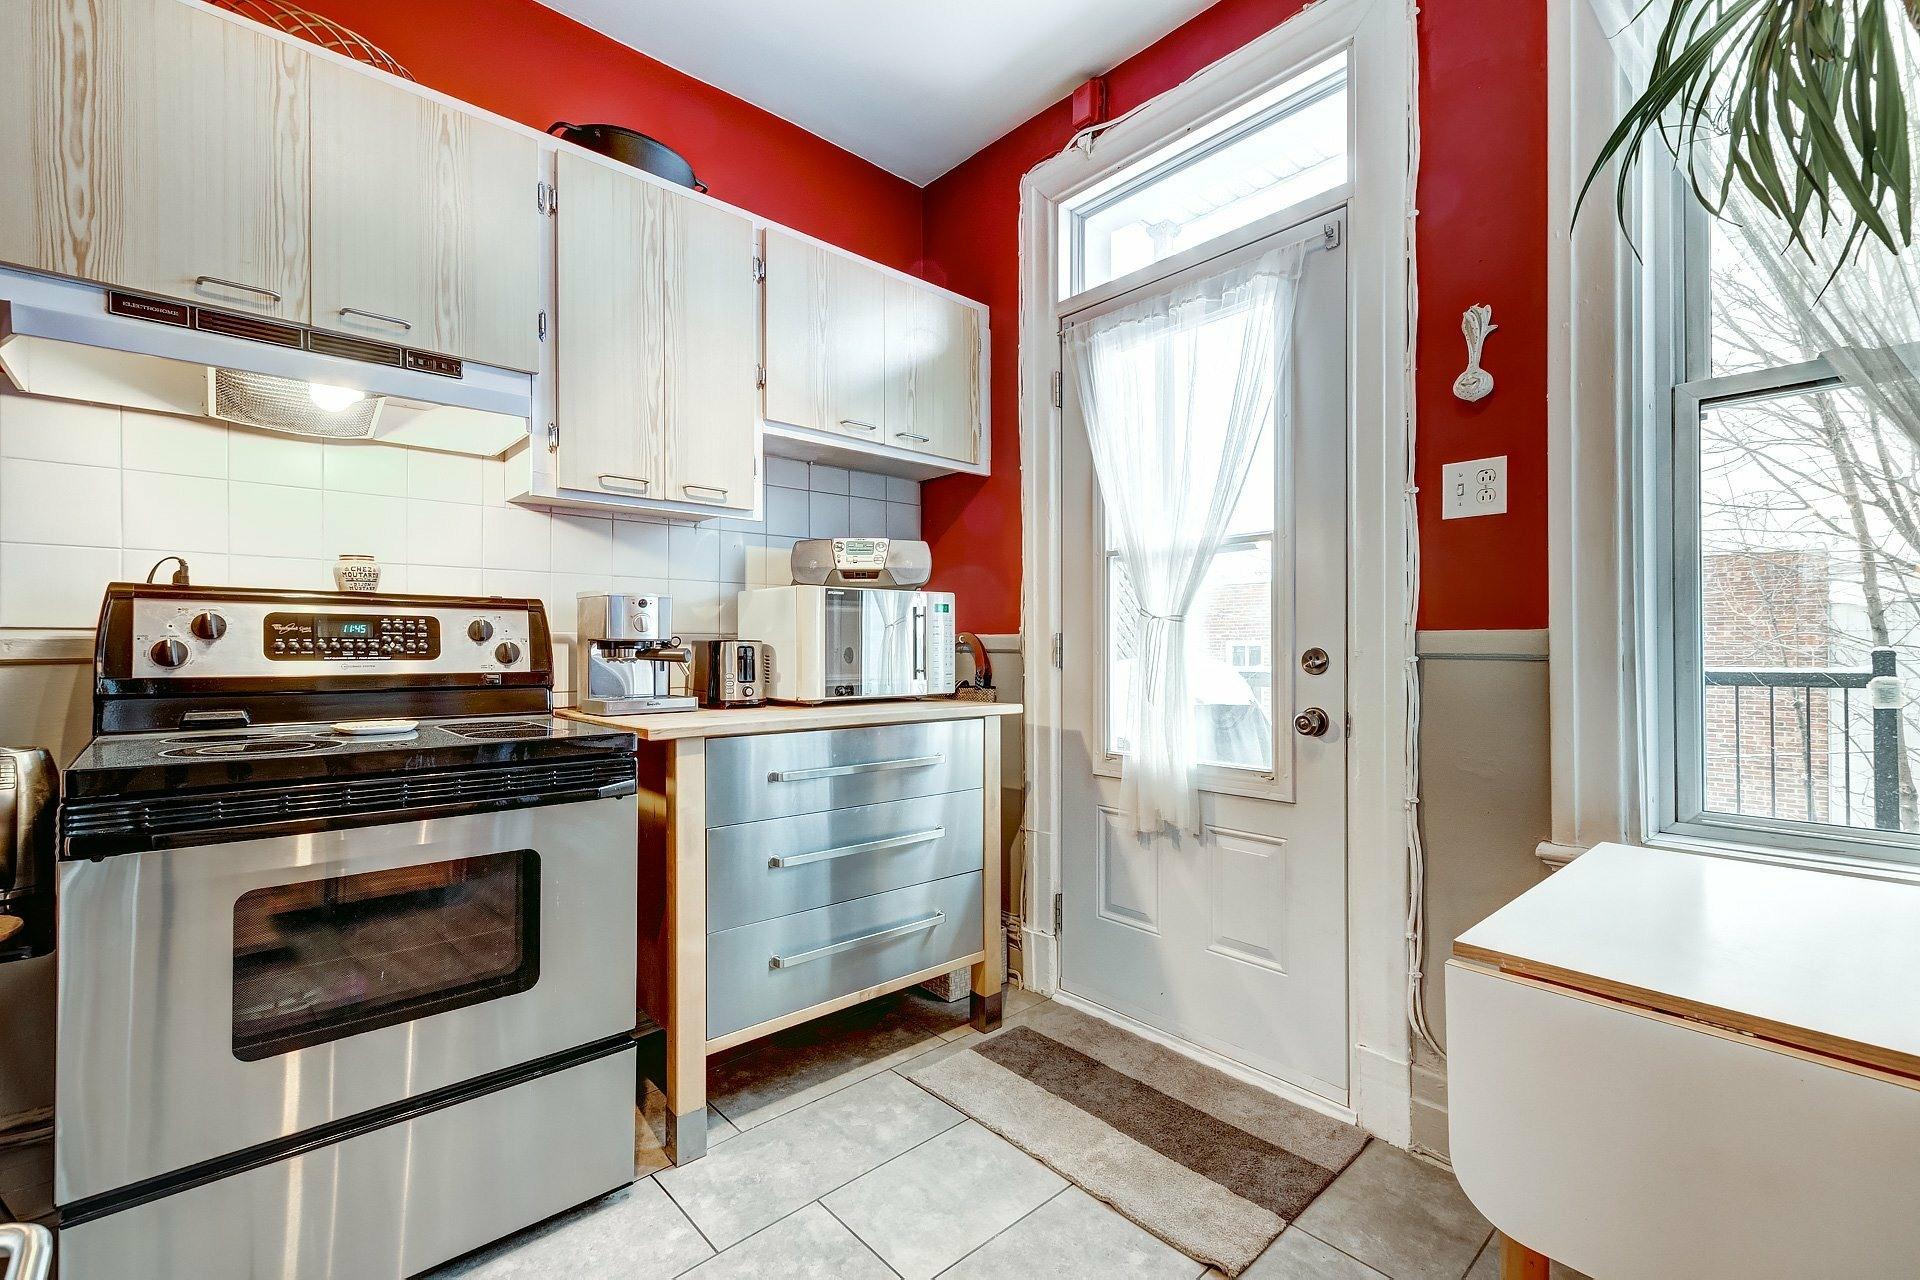 image 4 - Appartement À vendre Rosemont/La Petite-Patrie Montréal  - 7 pièces